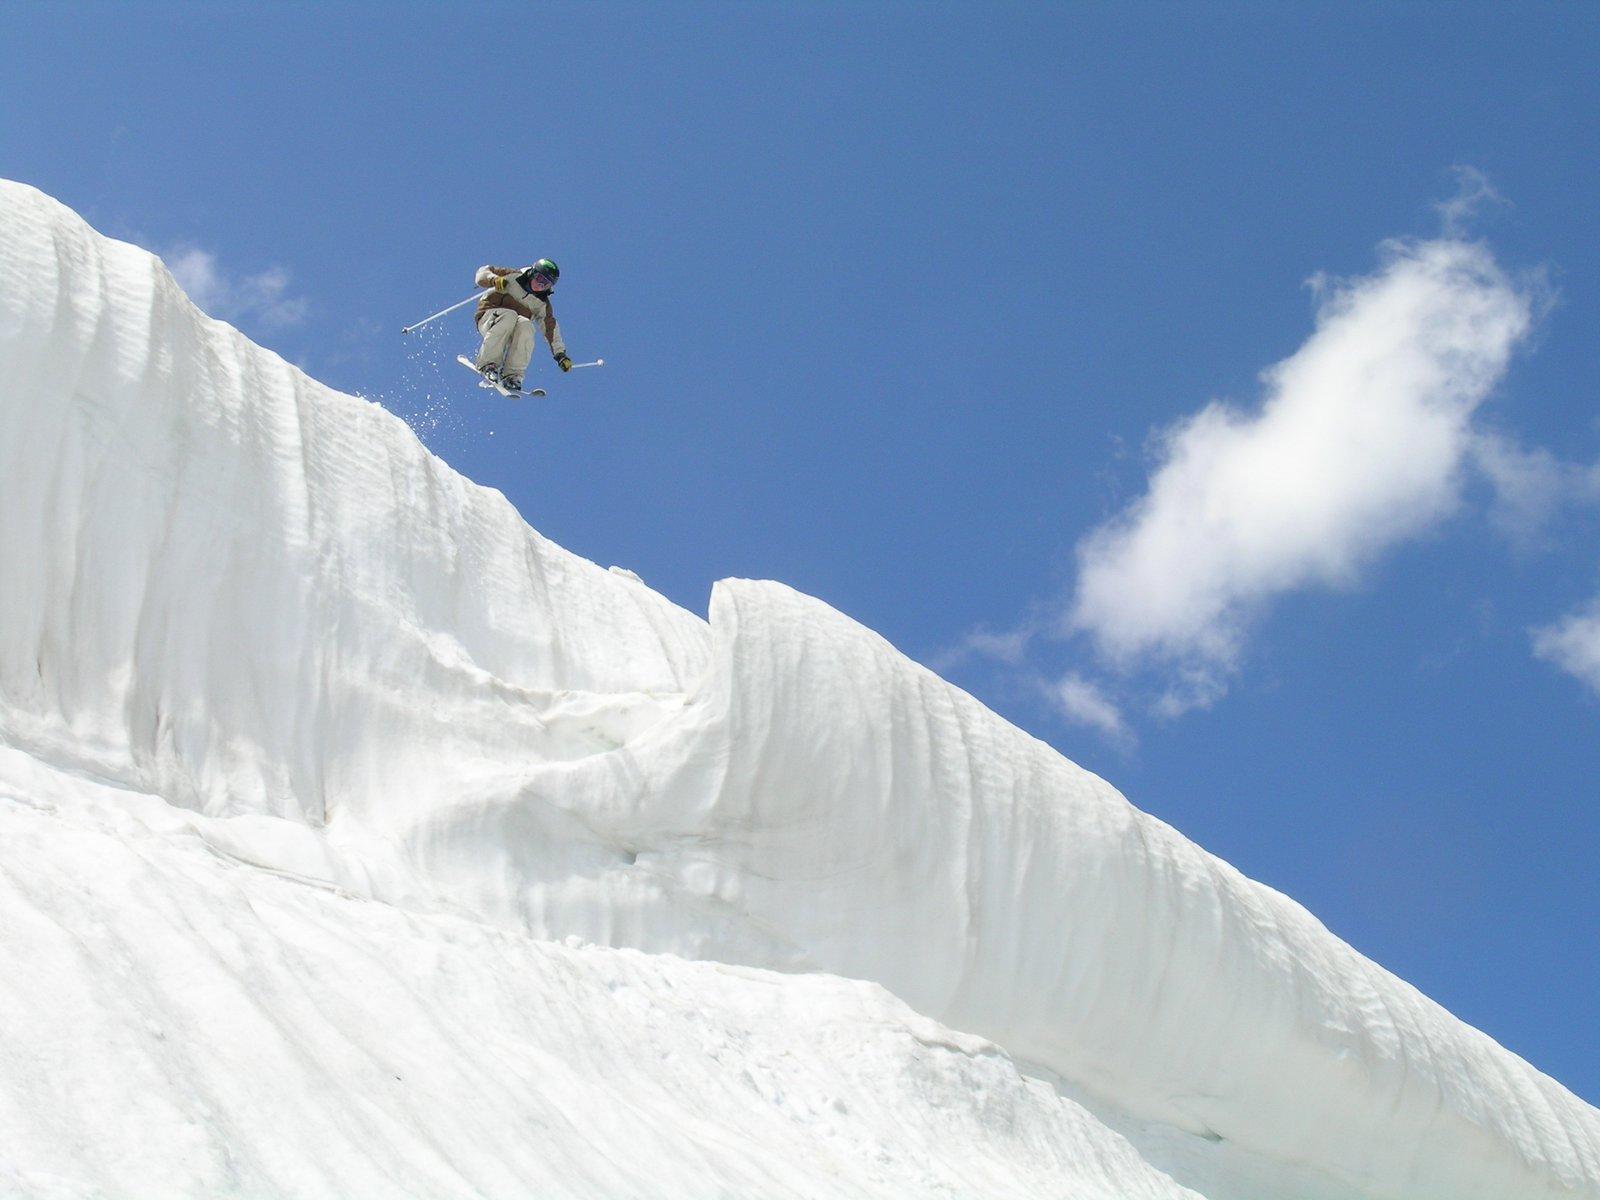 Beartooth pass cornice drop